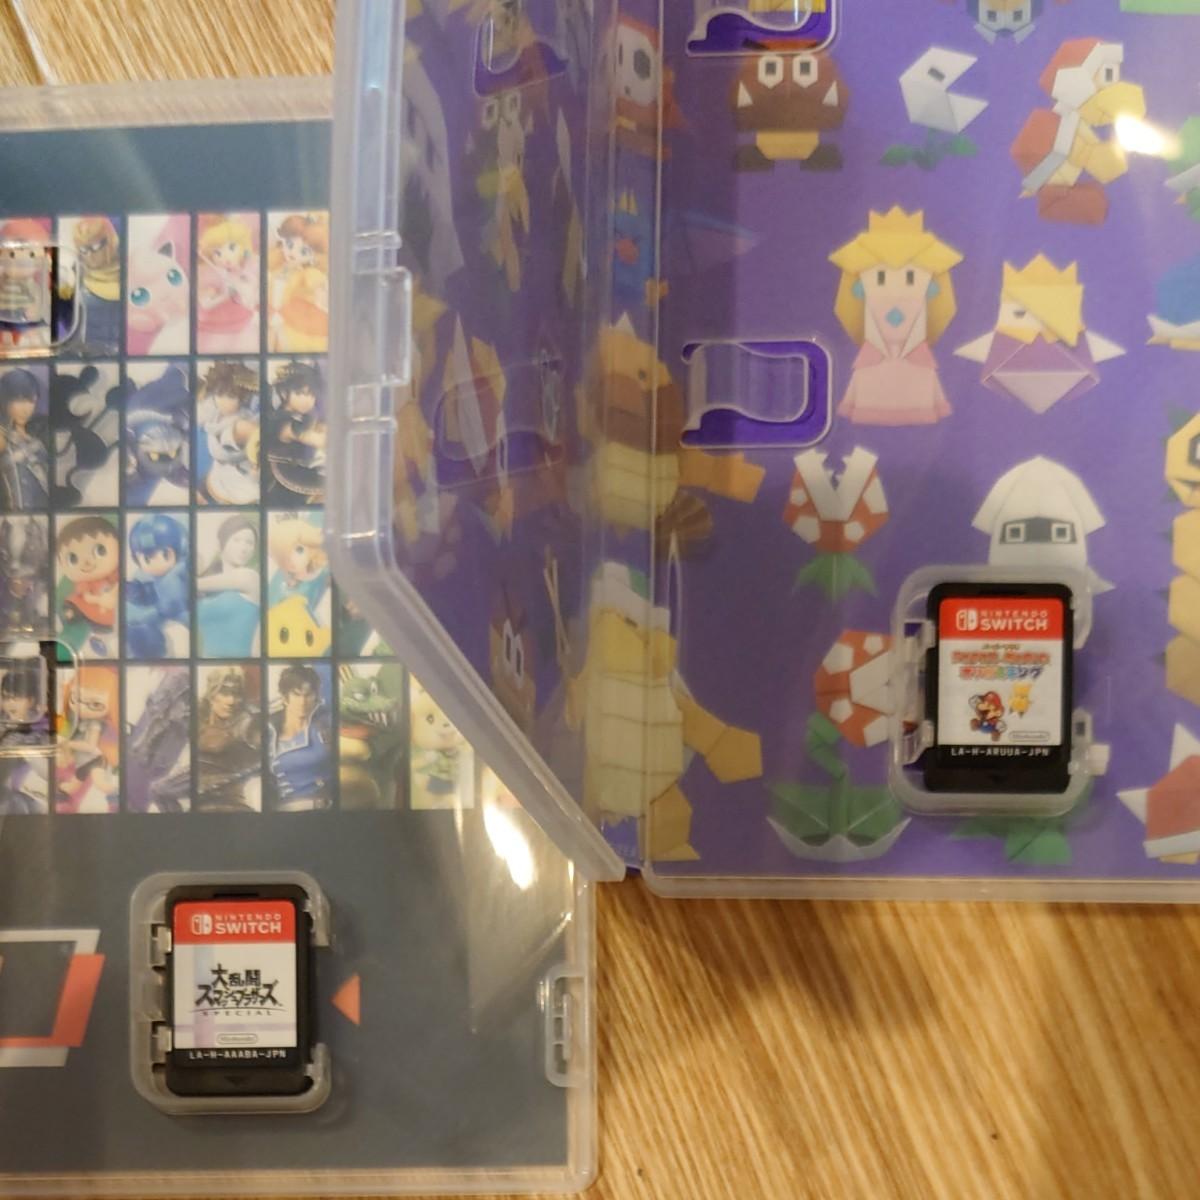 Nintendo Switch 大乱闘スマッシュブラザーズSPECIAL ペーパーマリオ オリガミキング セット